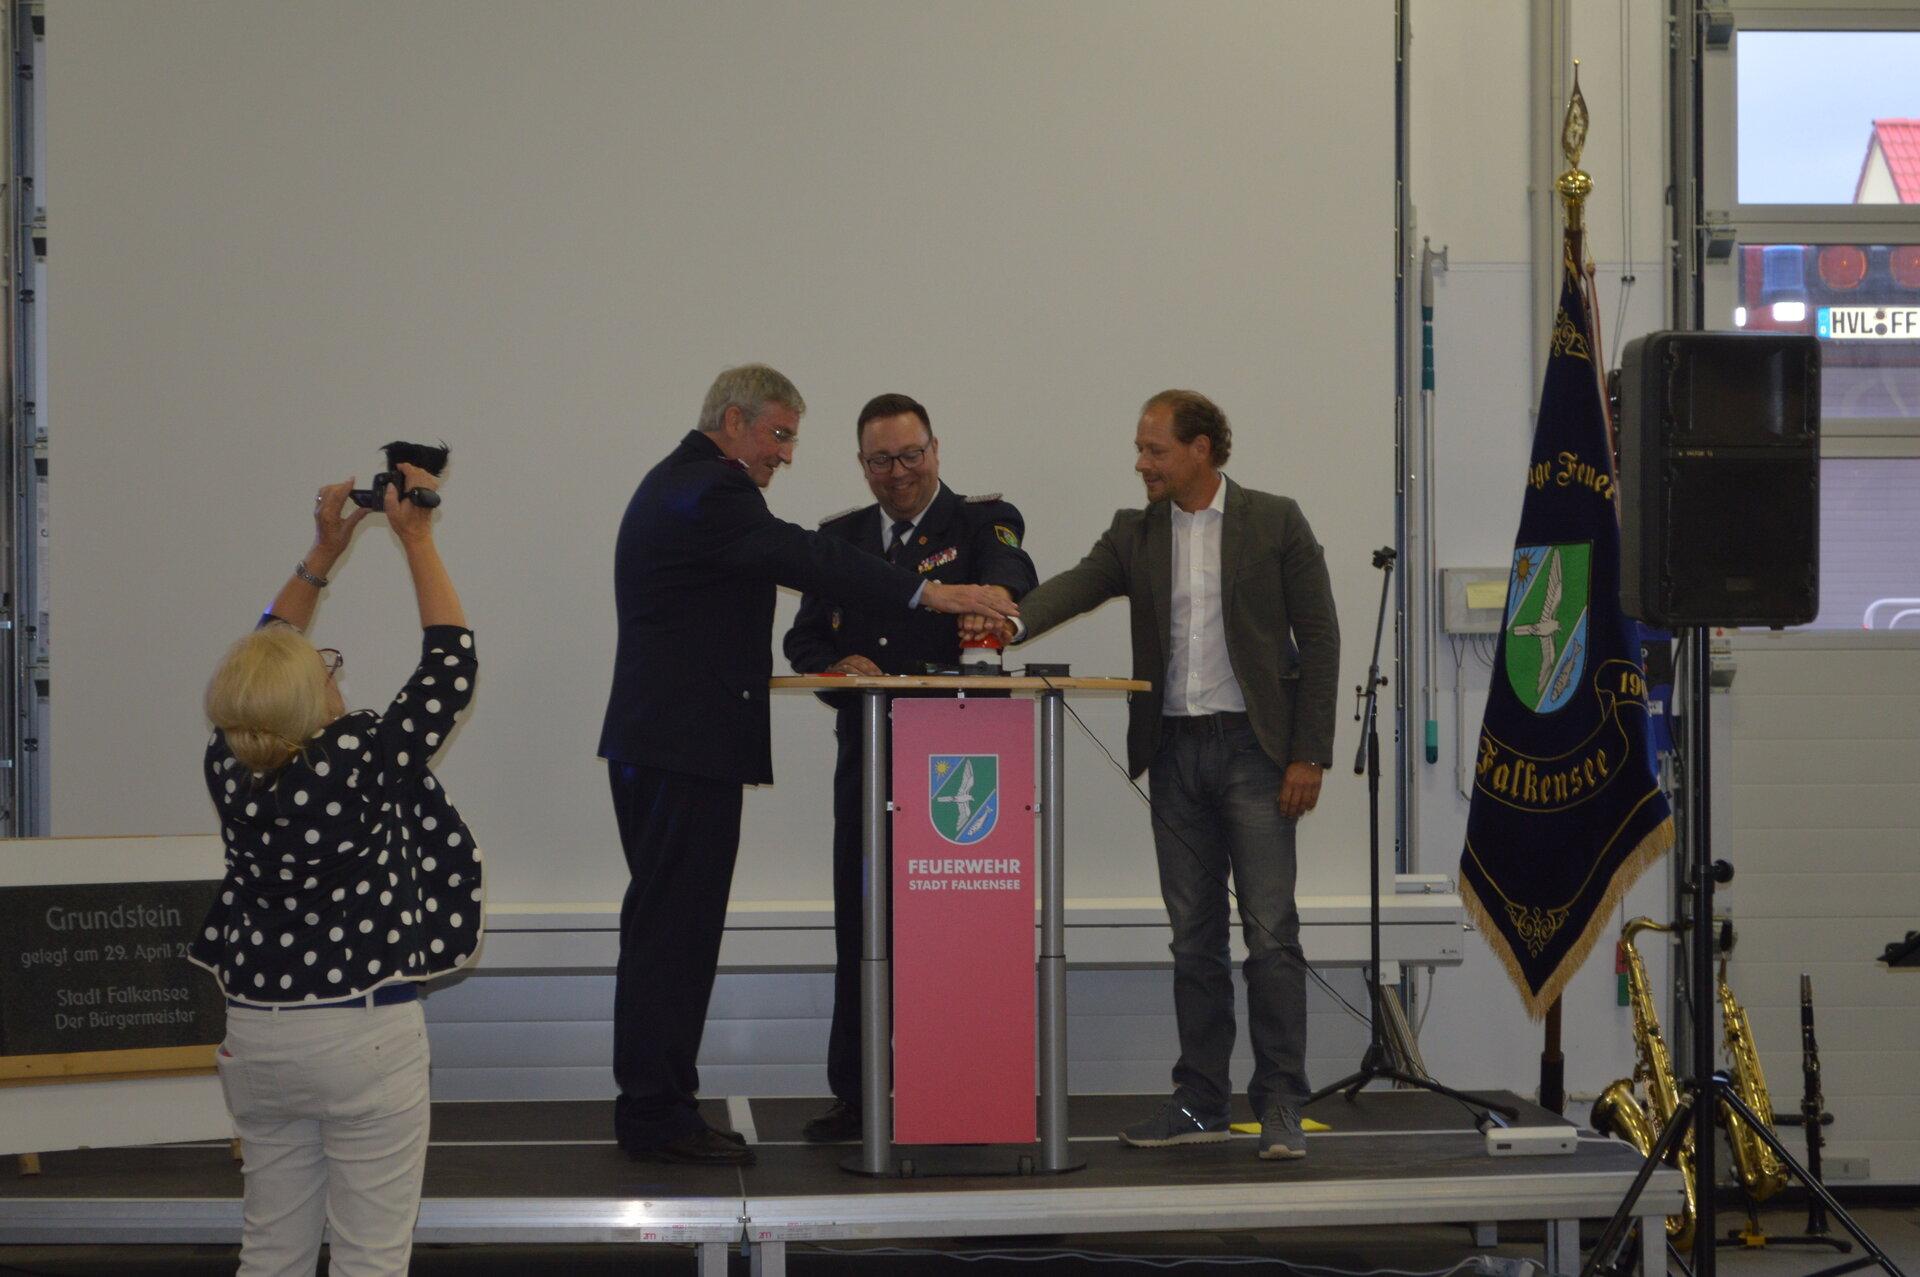 Juni 2018: Offizielle Einweihung der neuen Feuer- und Rettungswache (Quelle: Stadtarchiv).